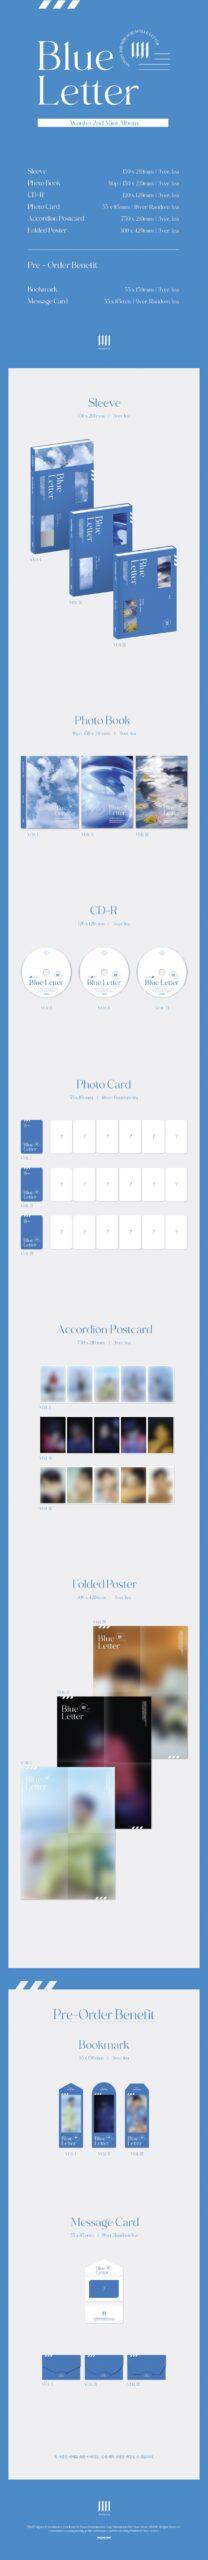 2nd Mini Album de Wonho – Blue Letter I Ver. II Ver. o III Ver.